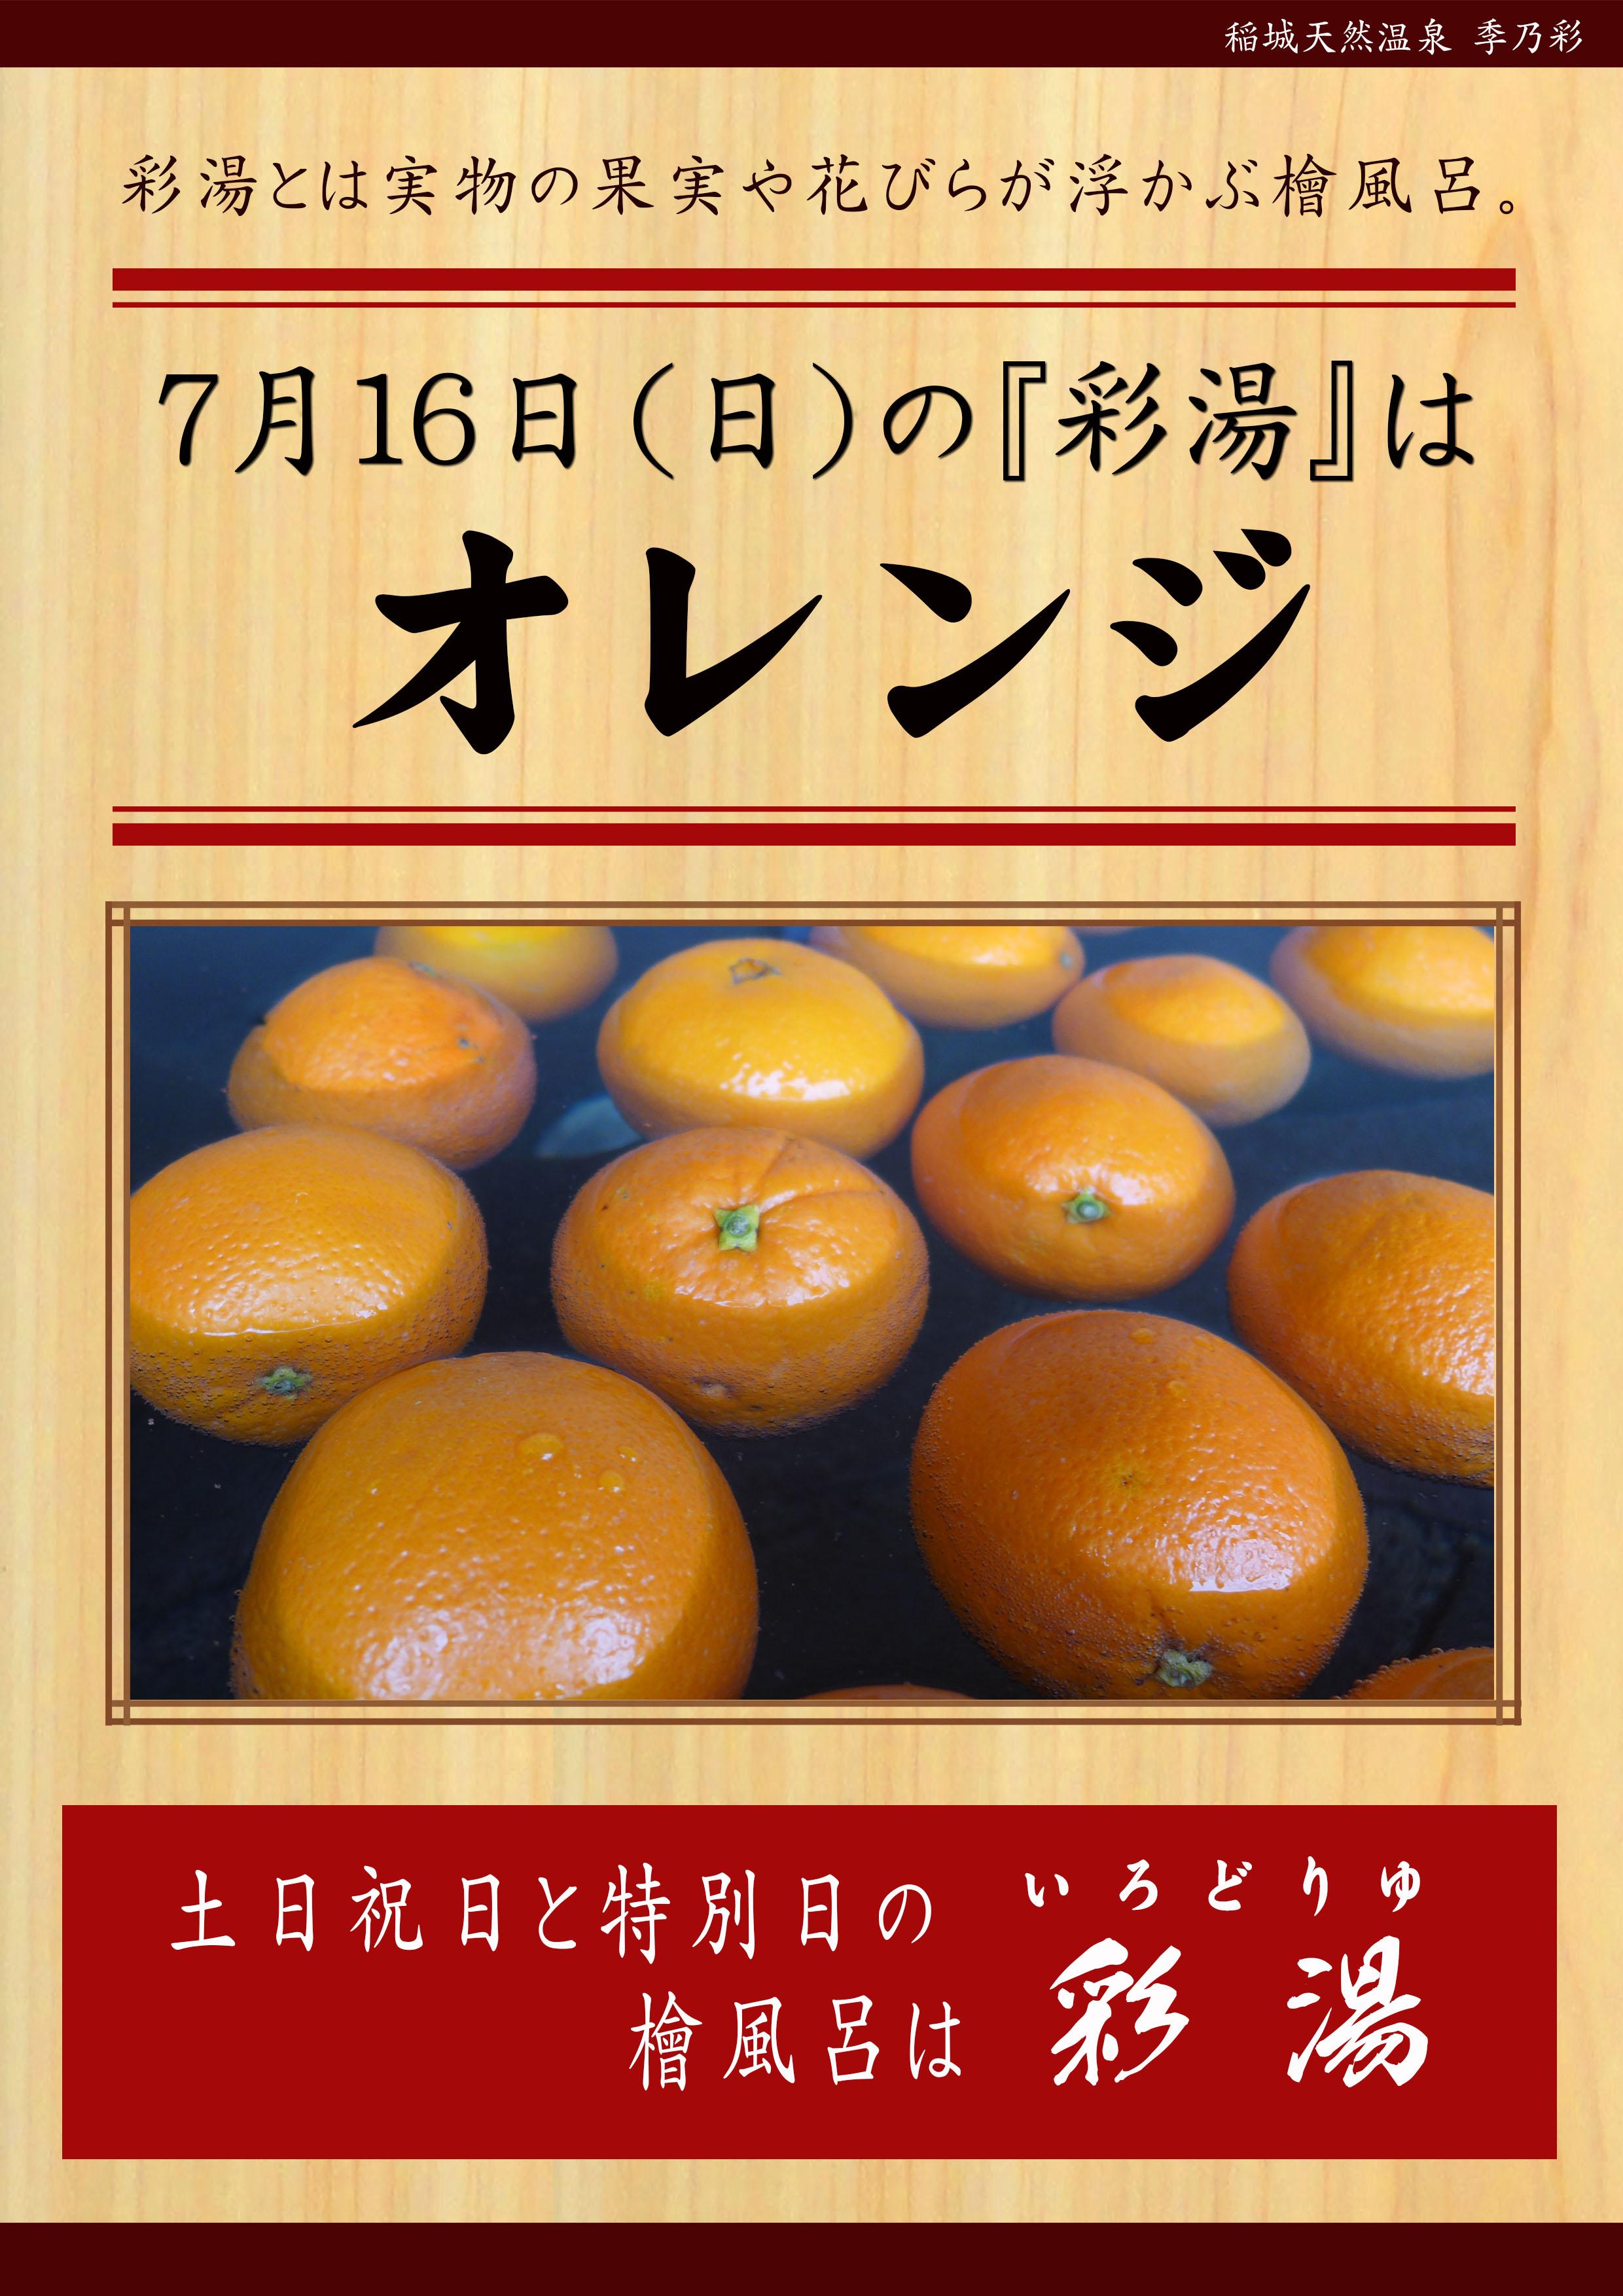 20170716POP イベント 彩湯 オレンジ